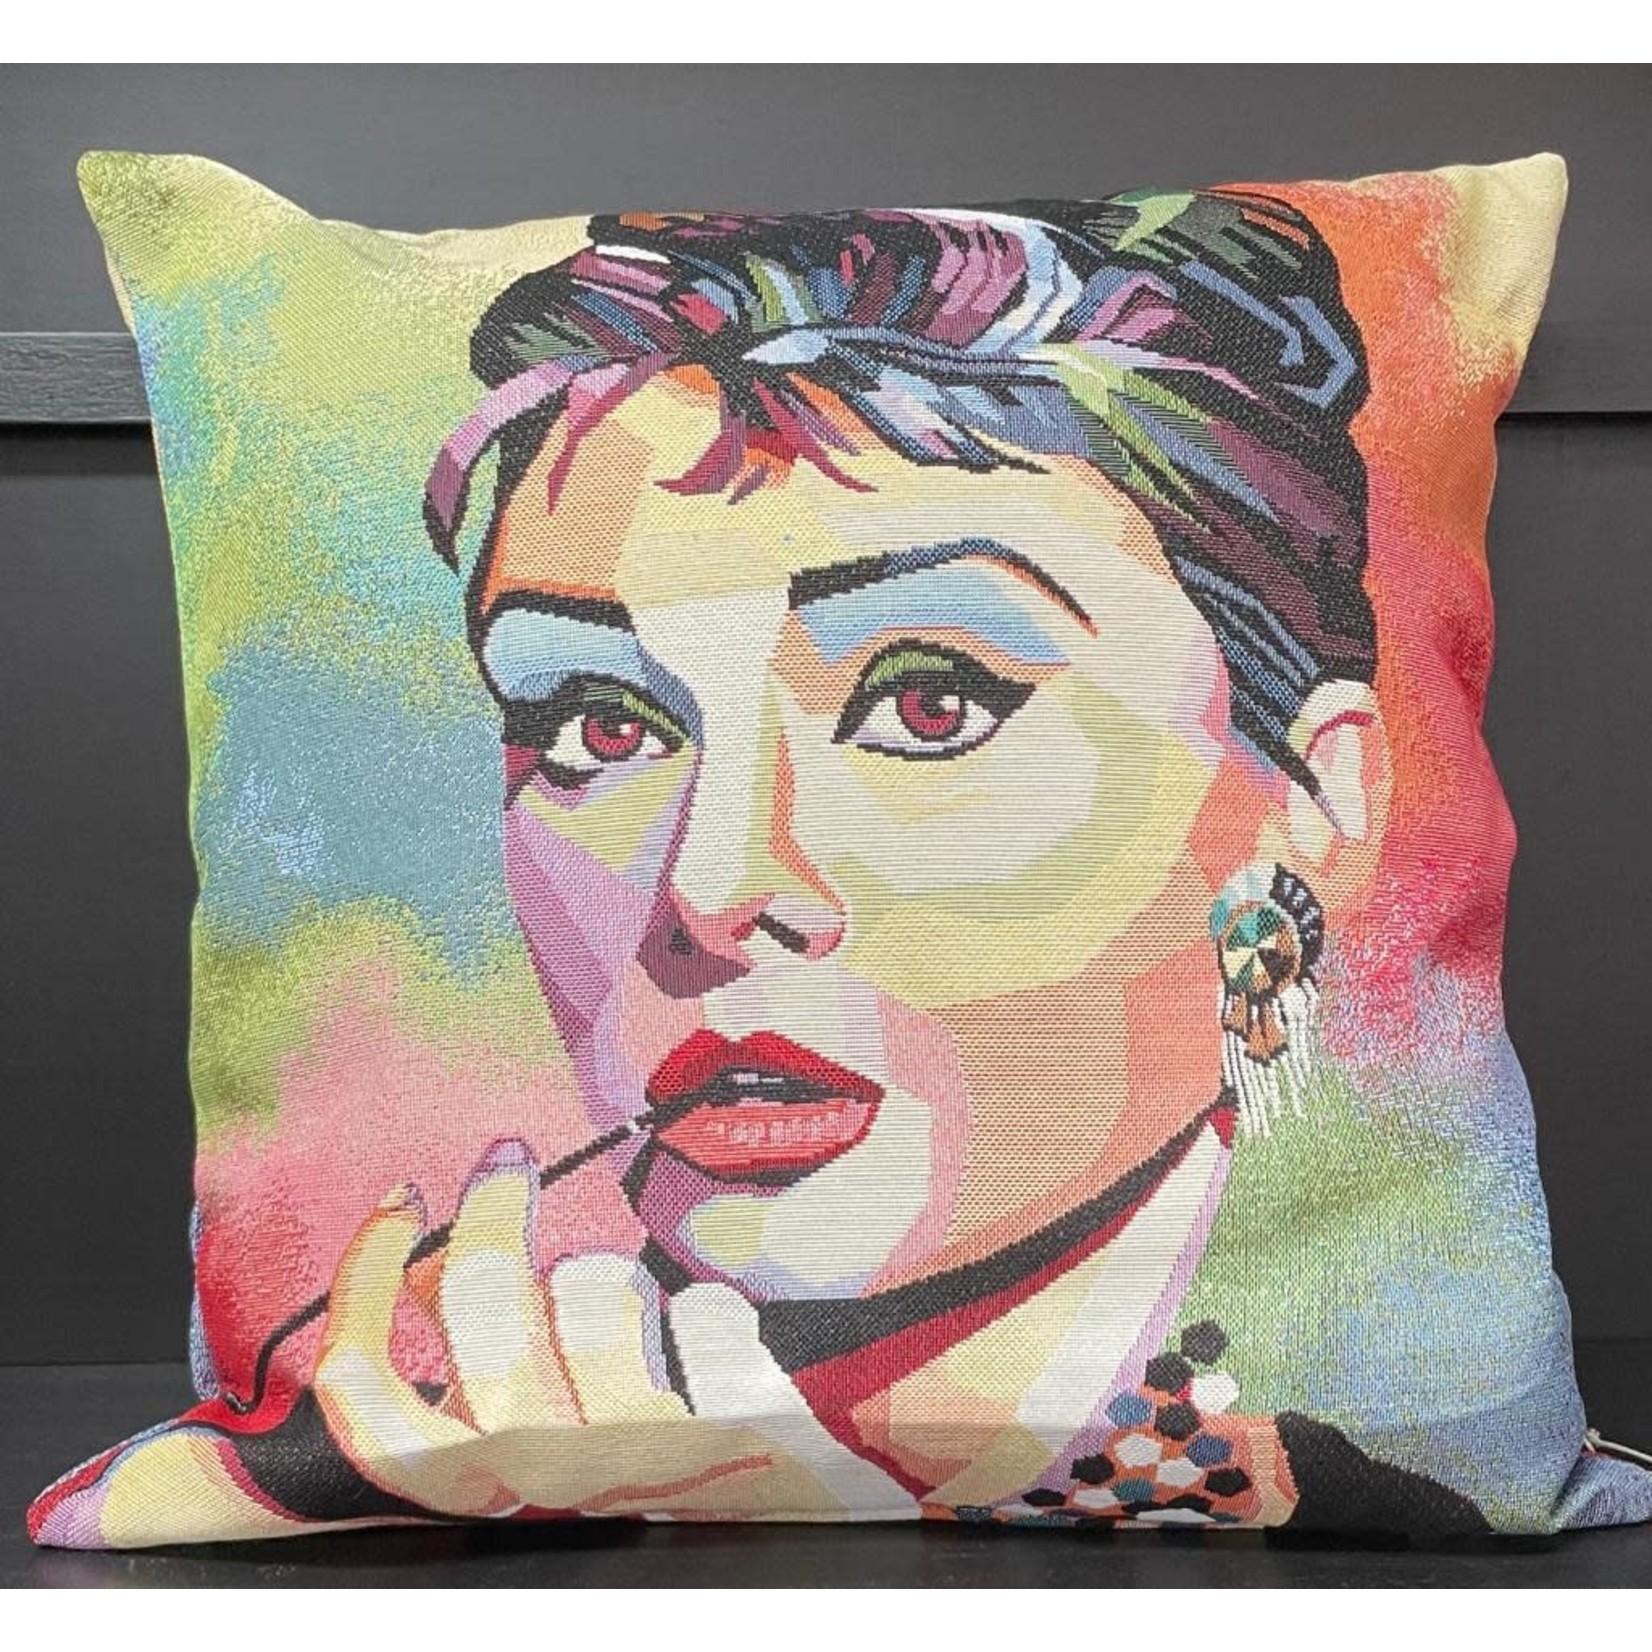 PAD Home Design Pad Home kussen Audrey Hepburn 45x45cm